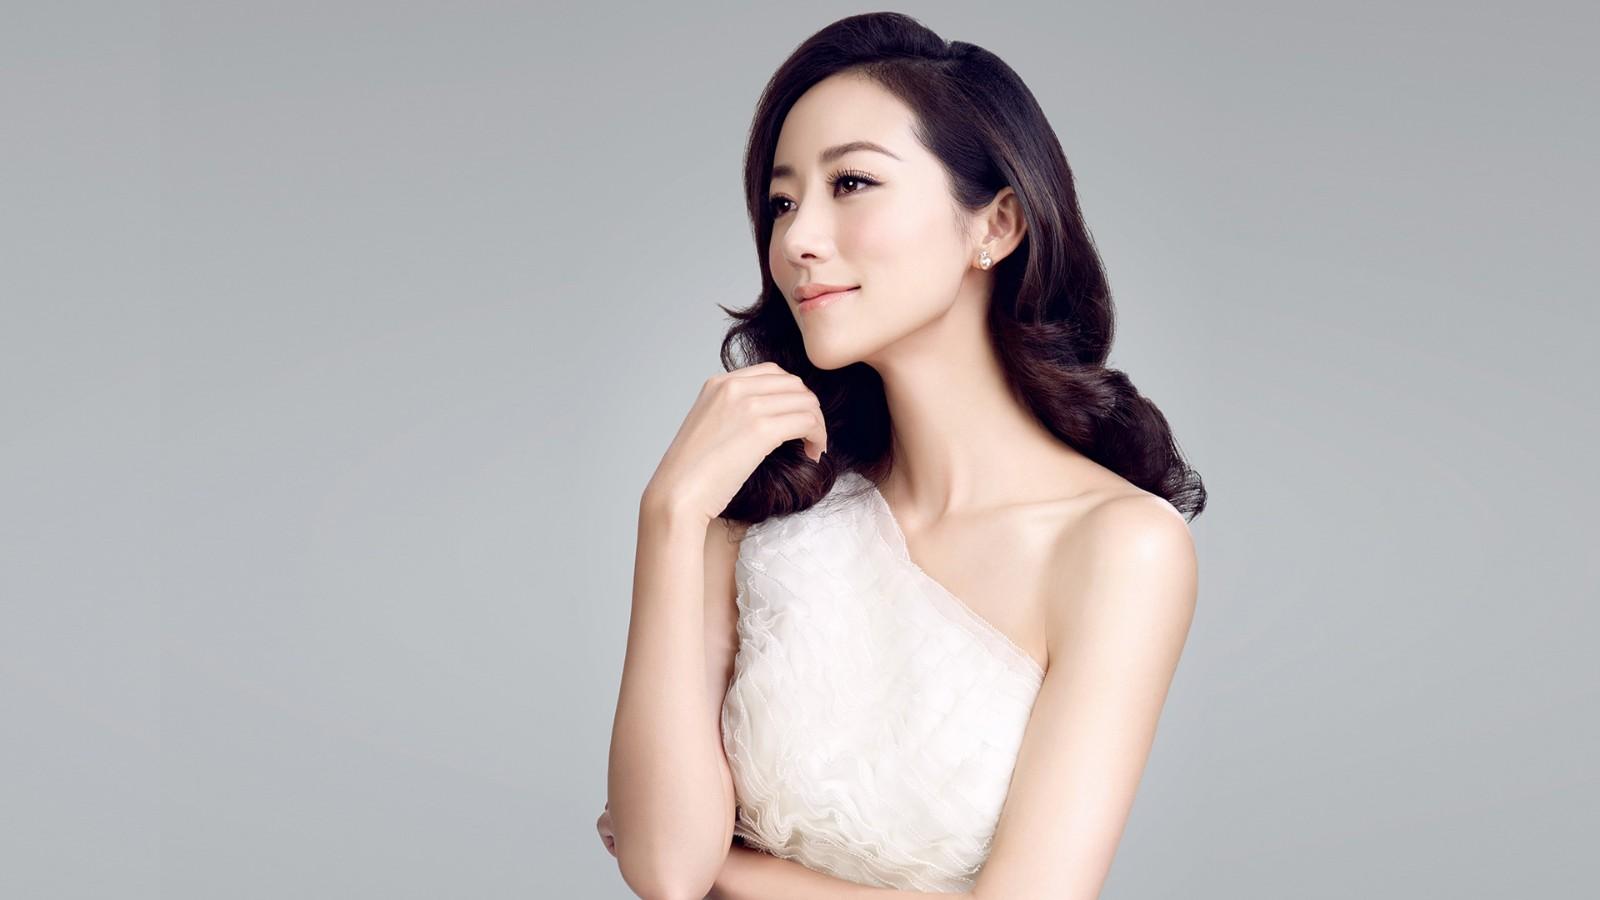 韩雪,大陆明星,清纯,女演员,女歌手,韩雪桌面壁纸